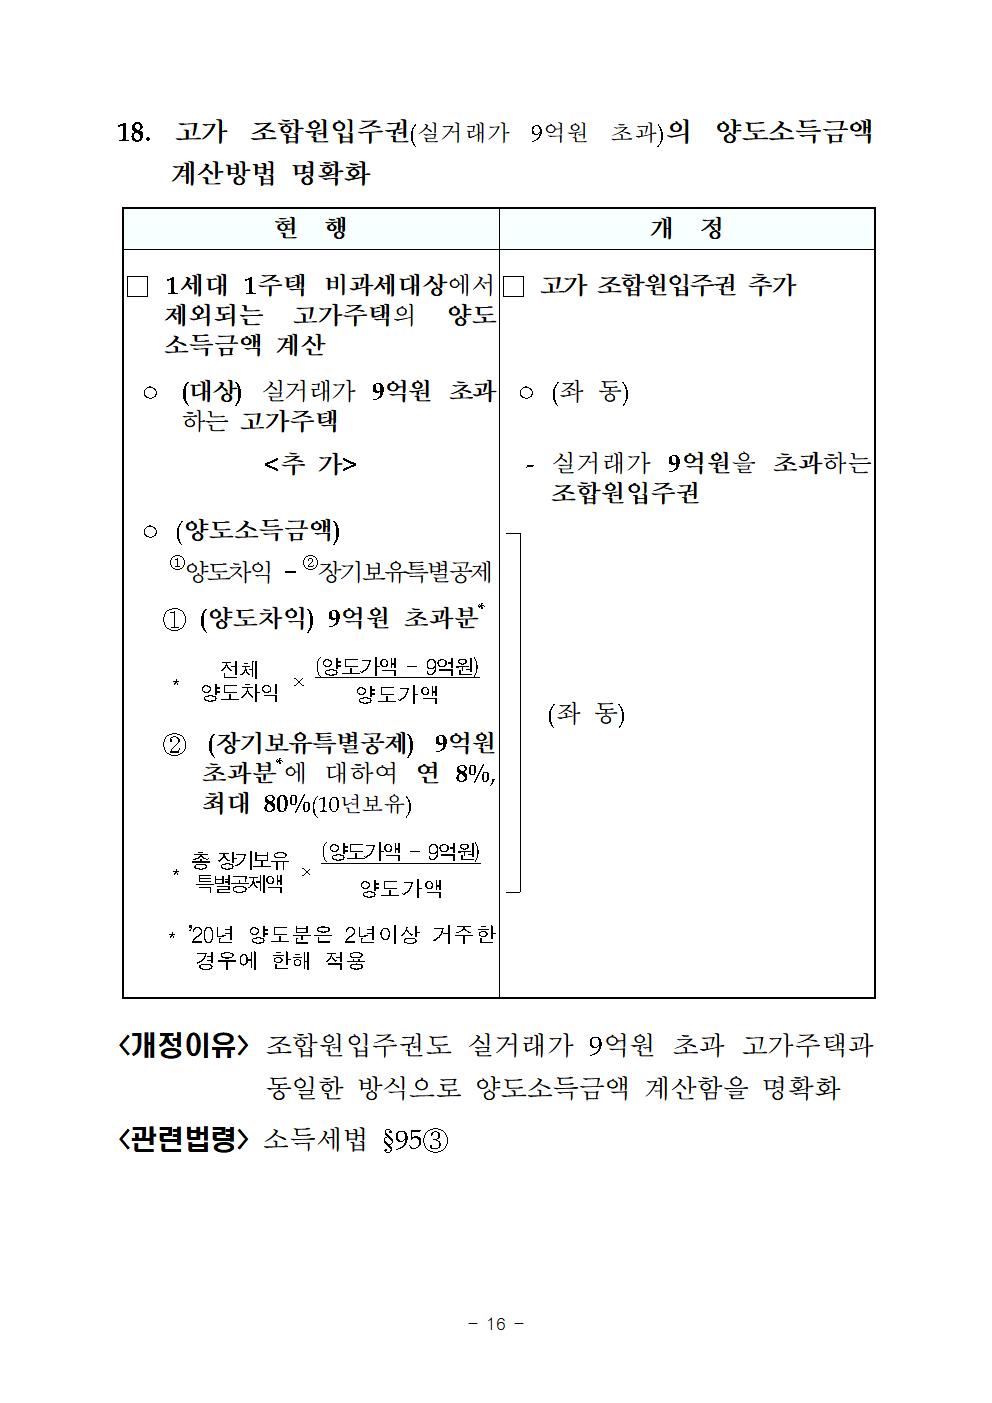 2019년세법개정내용(양도소득세분야)021.png